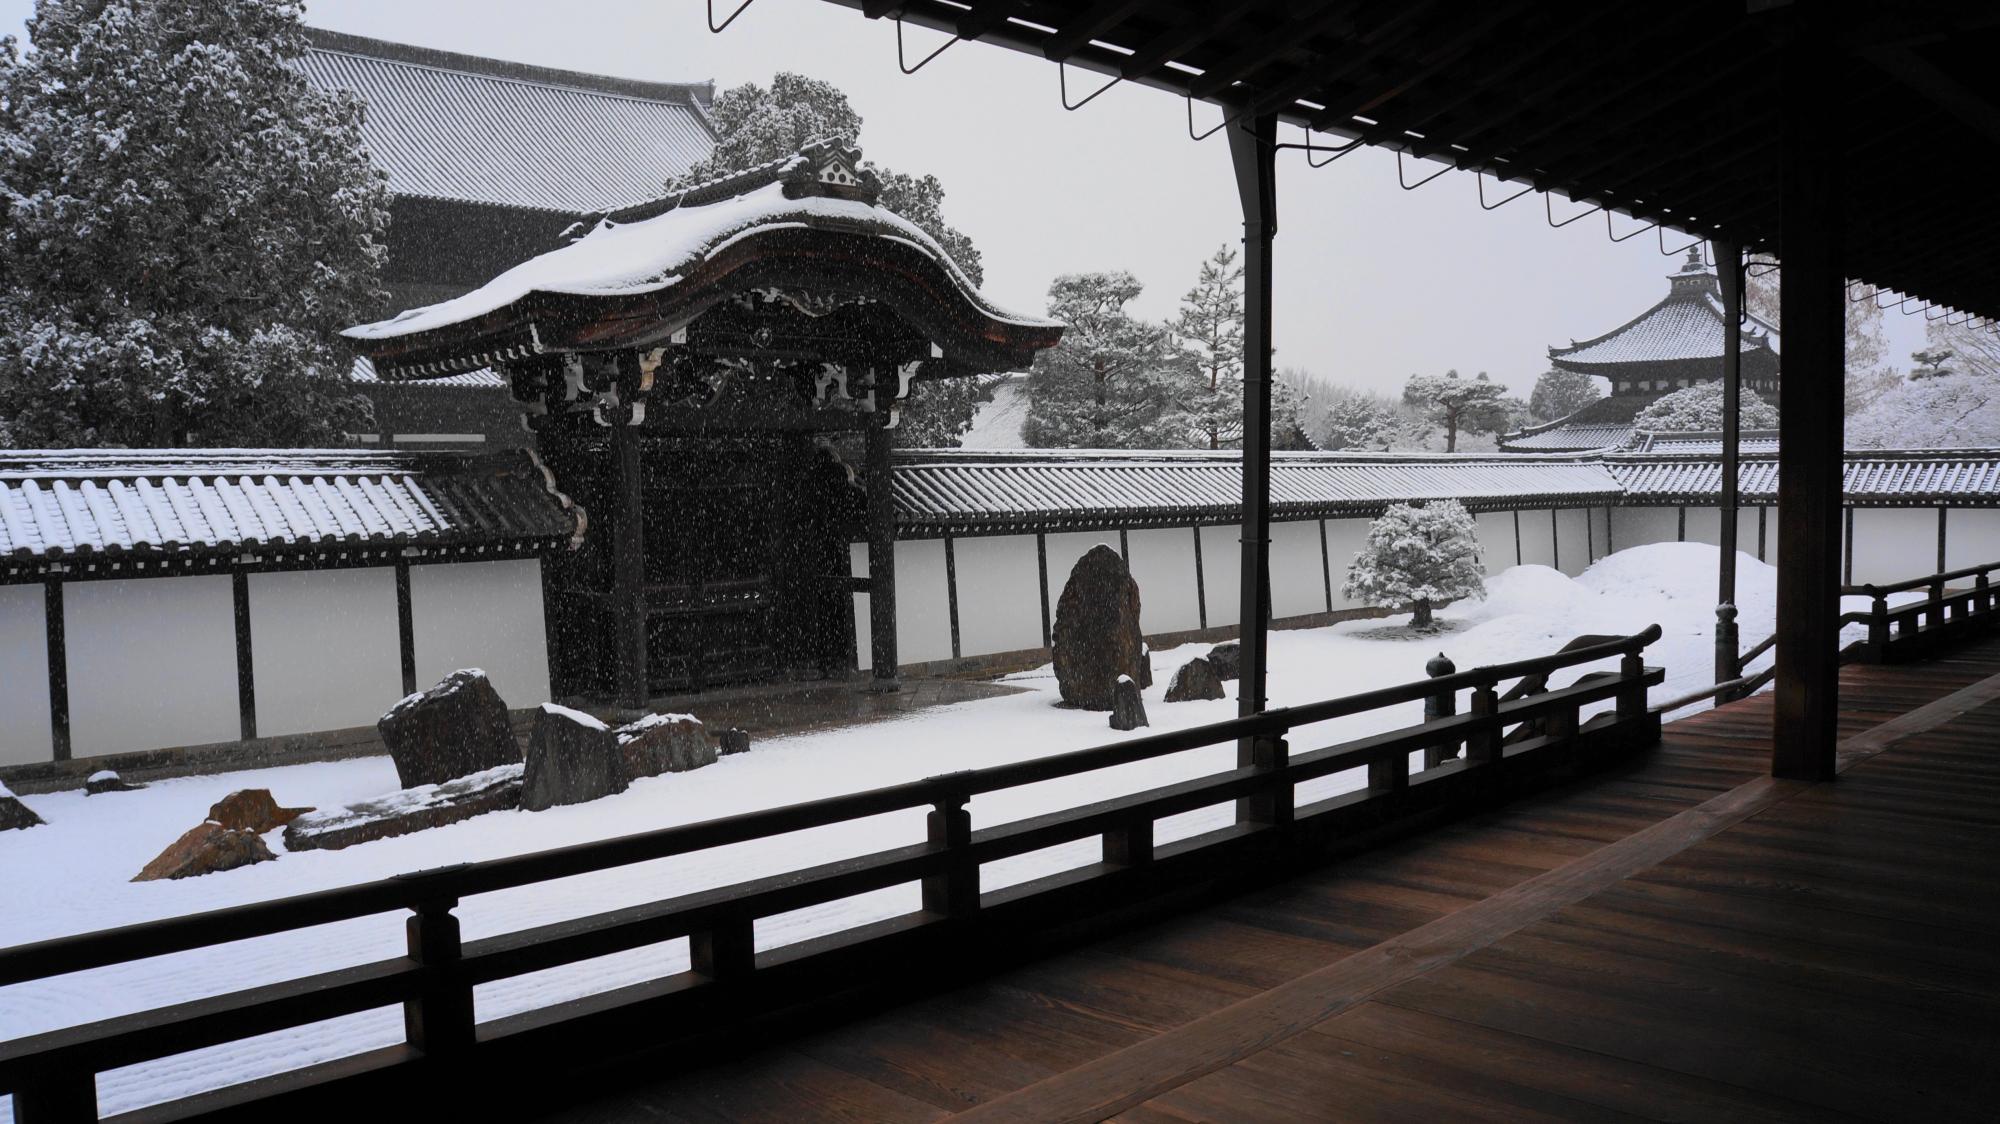 風情と趣きのある雪の方丈南庭